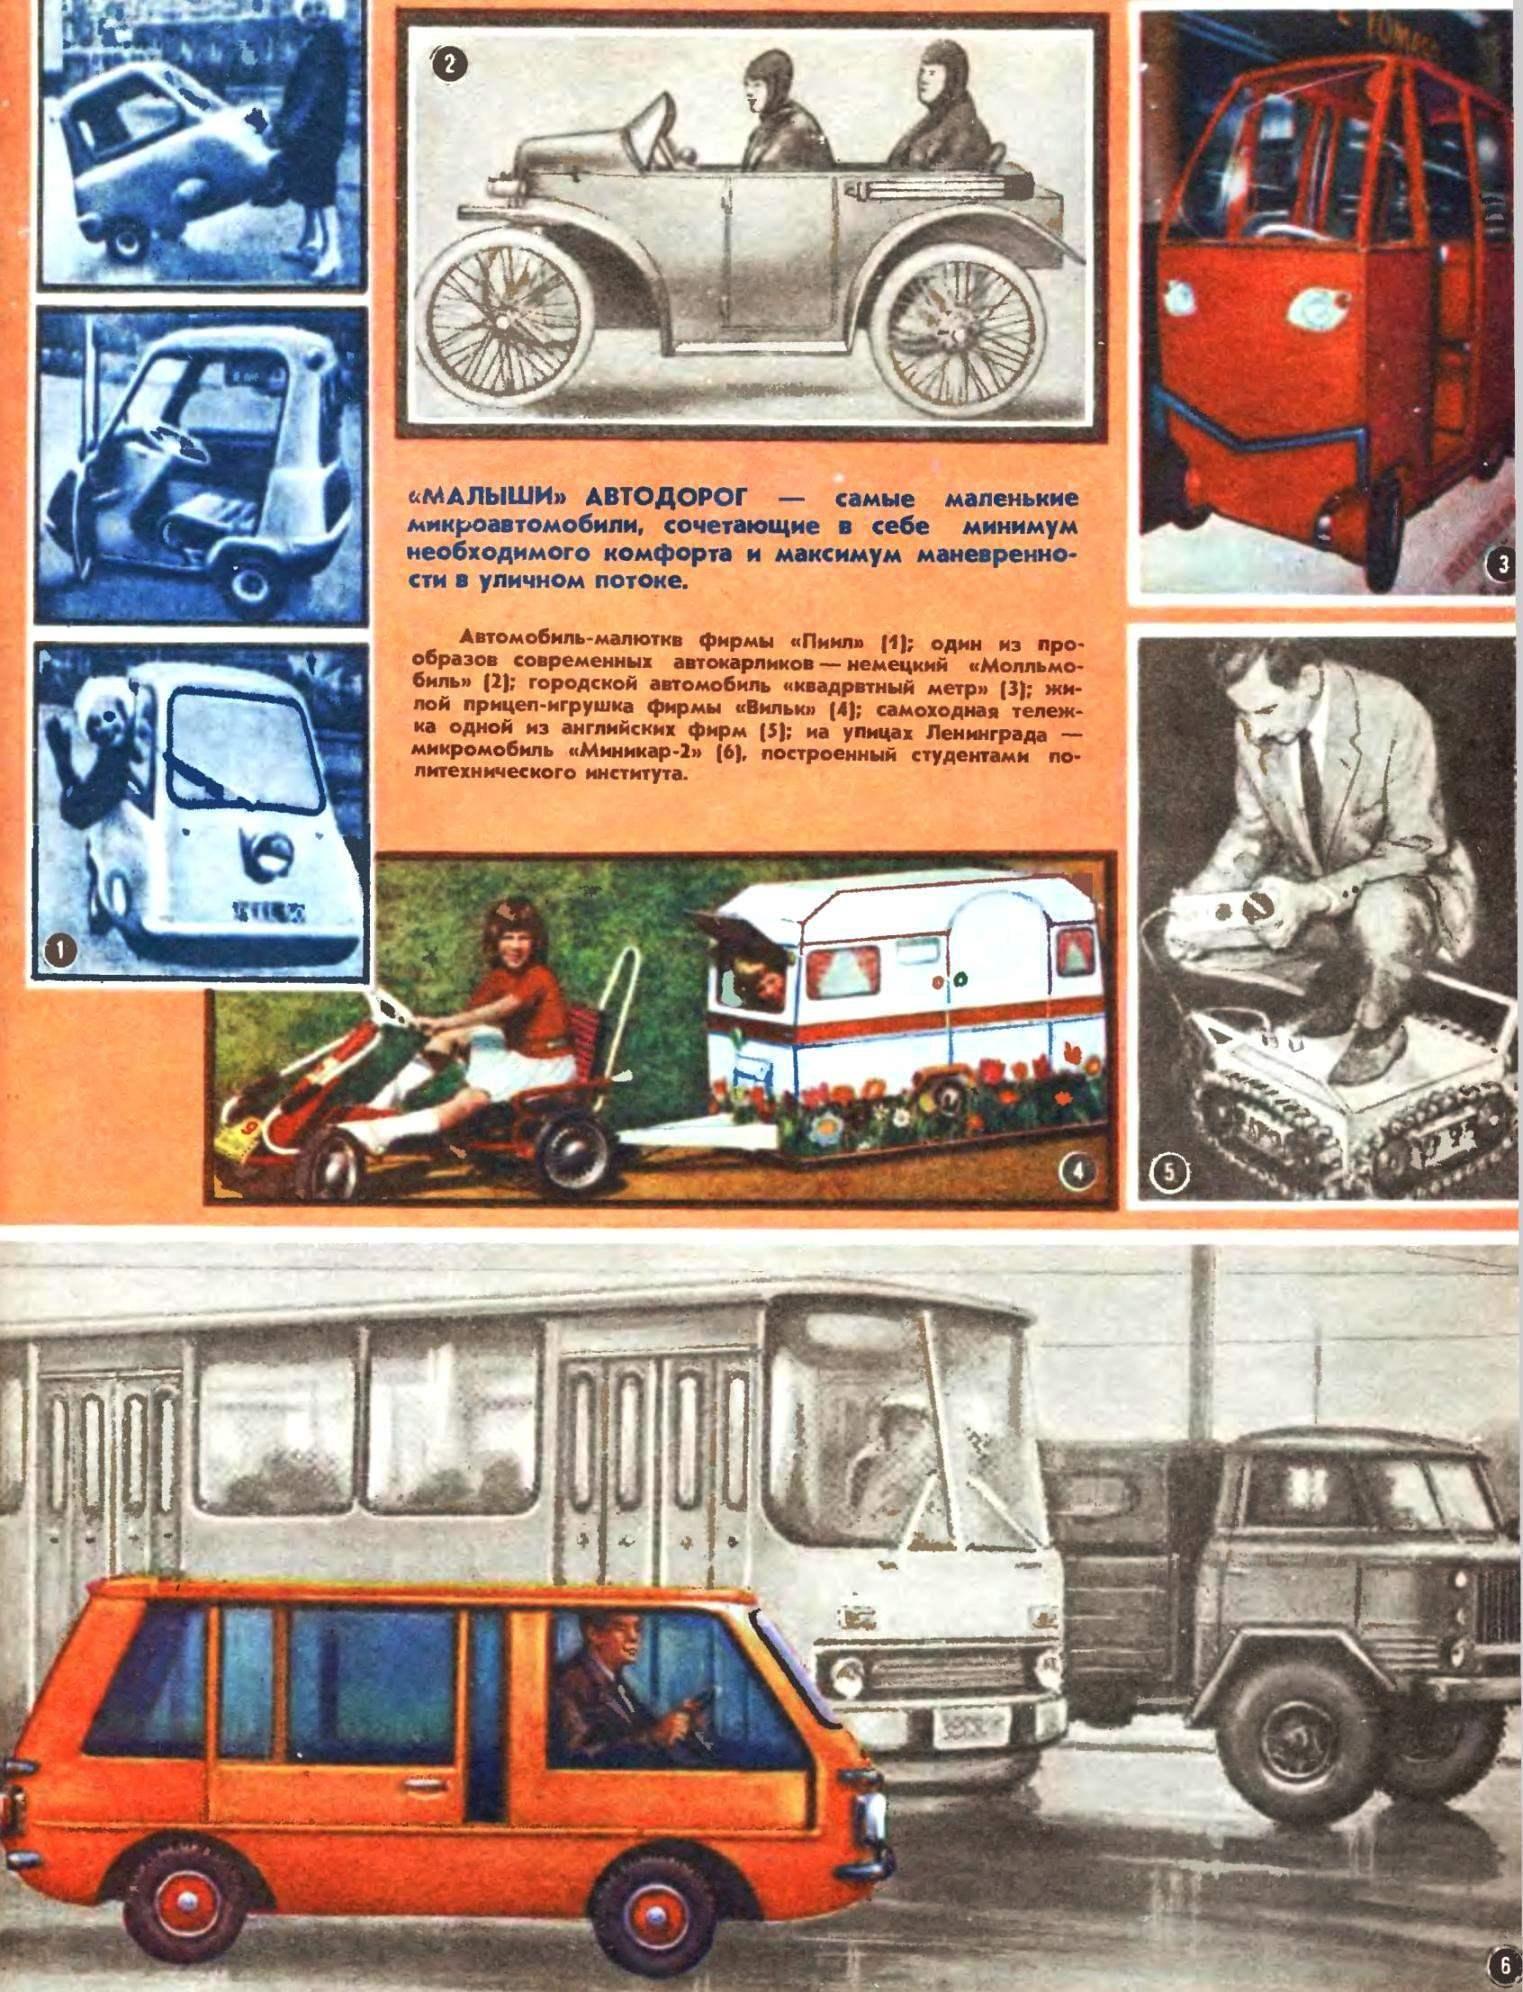 «МАЛЫШИ» АВТОДОРОГ — самые маленькие микроавтомобили, сочетающие в себе минимум необходимого комфорта и максимум маневренности в уличном потоке.